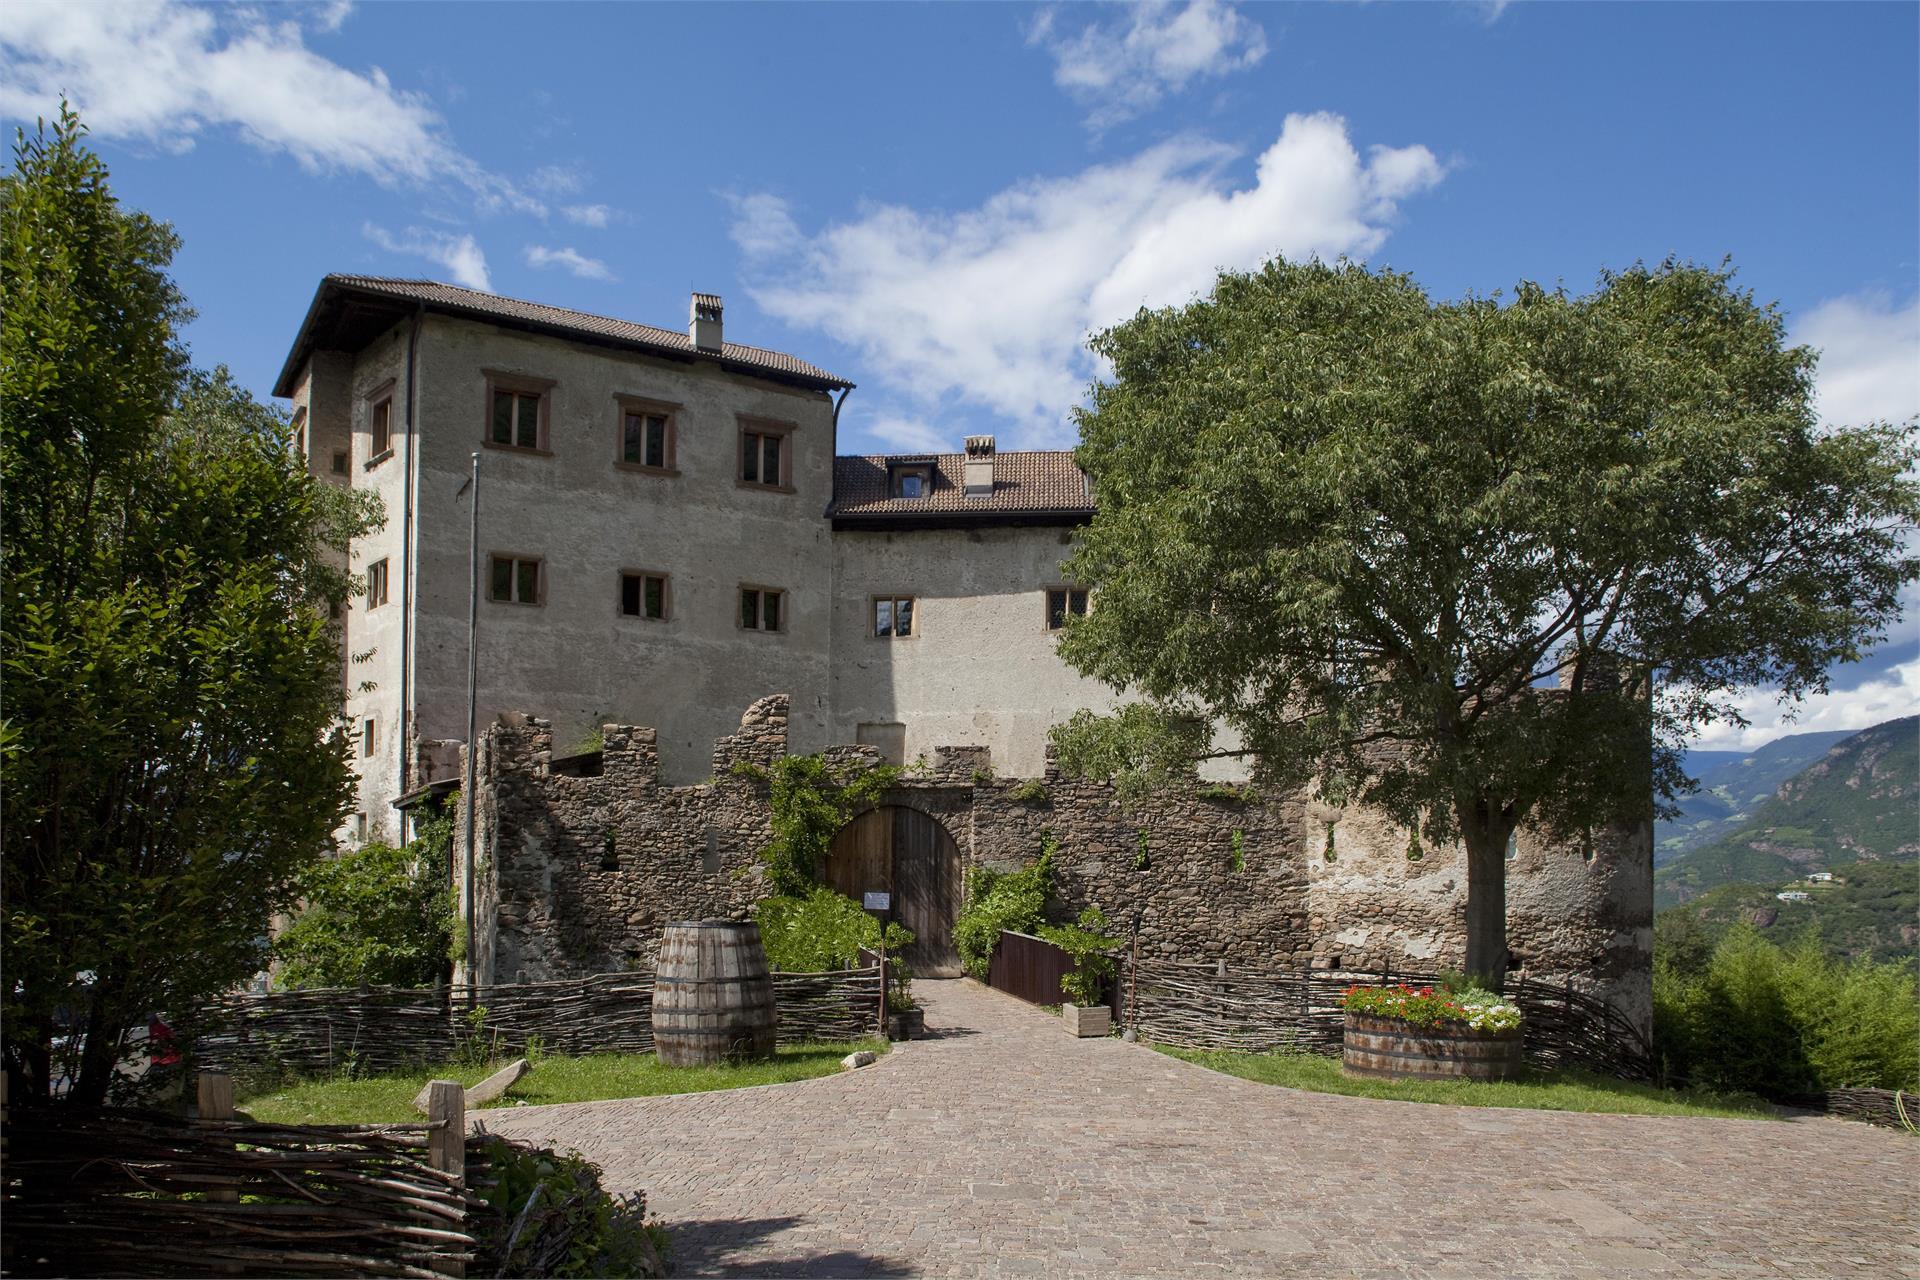 Azienda di Soggiorno e Turismo Bolzano